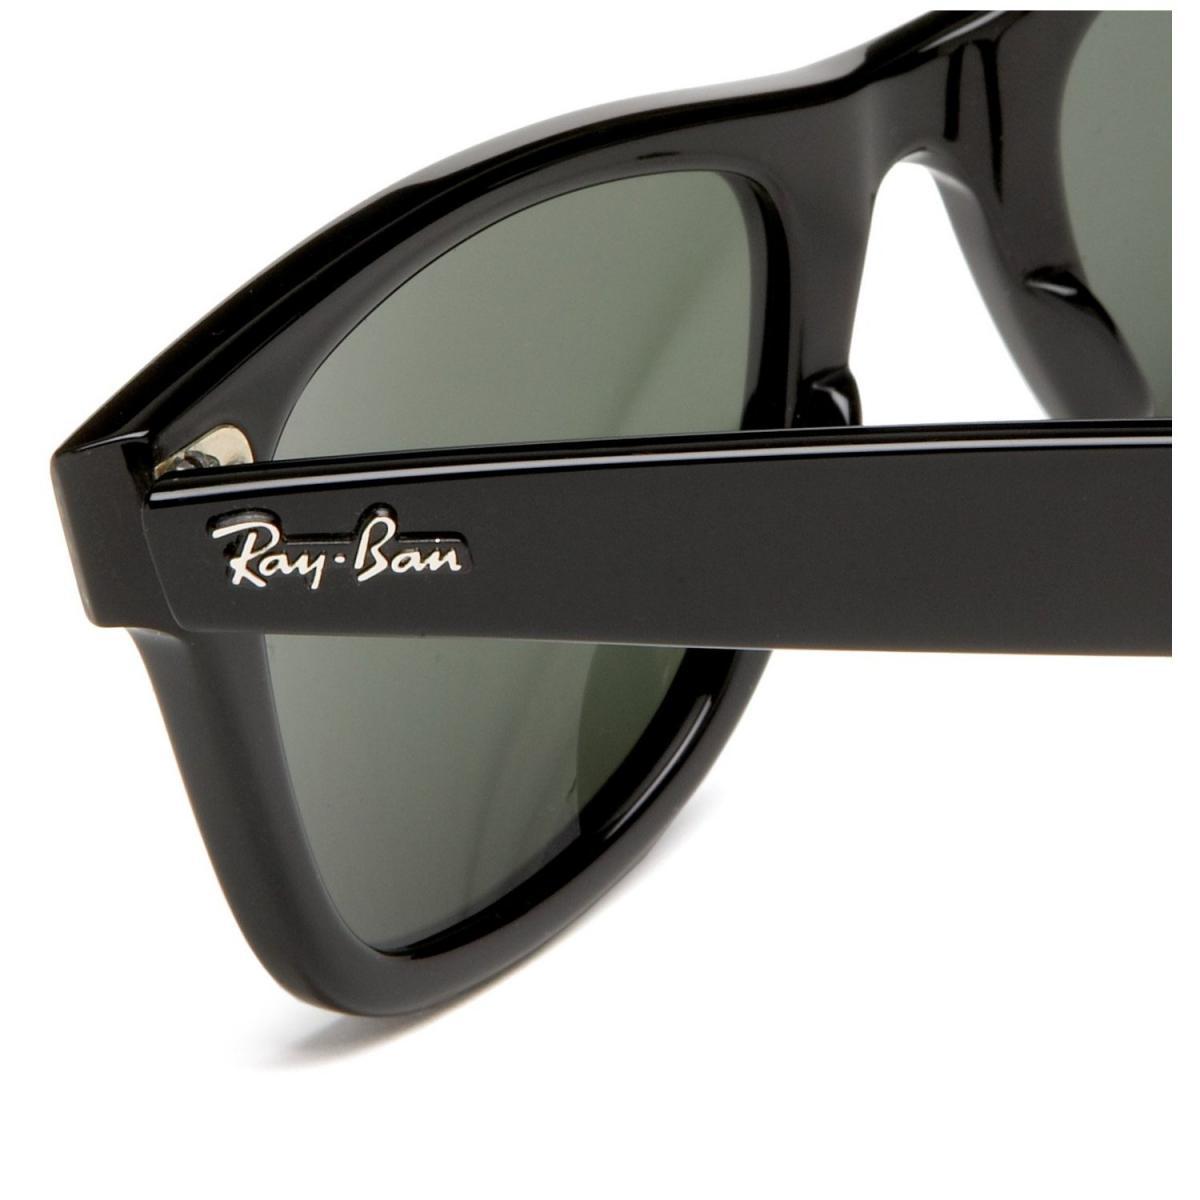 Плашка с логотипом «Ray-Ban» на дужках оригинальных очков Ray-Ban Wayfarer 3c5807cc8f3